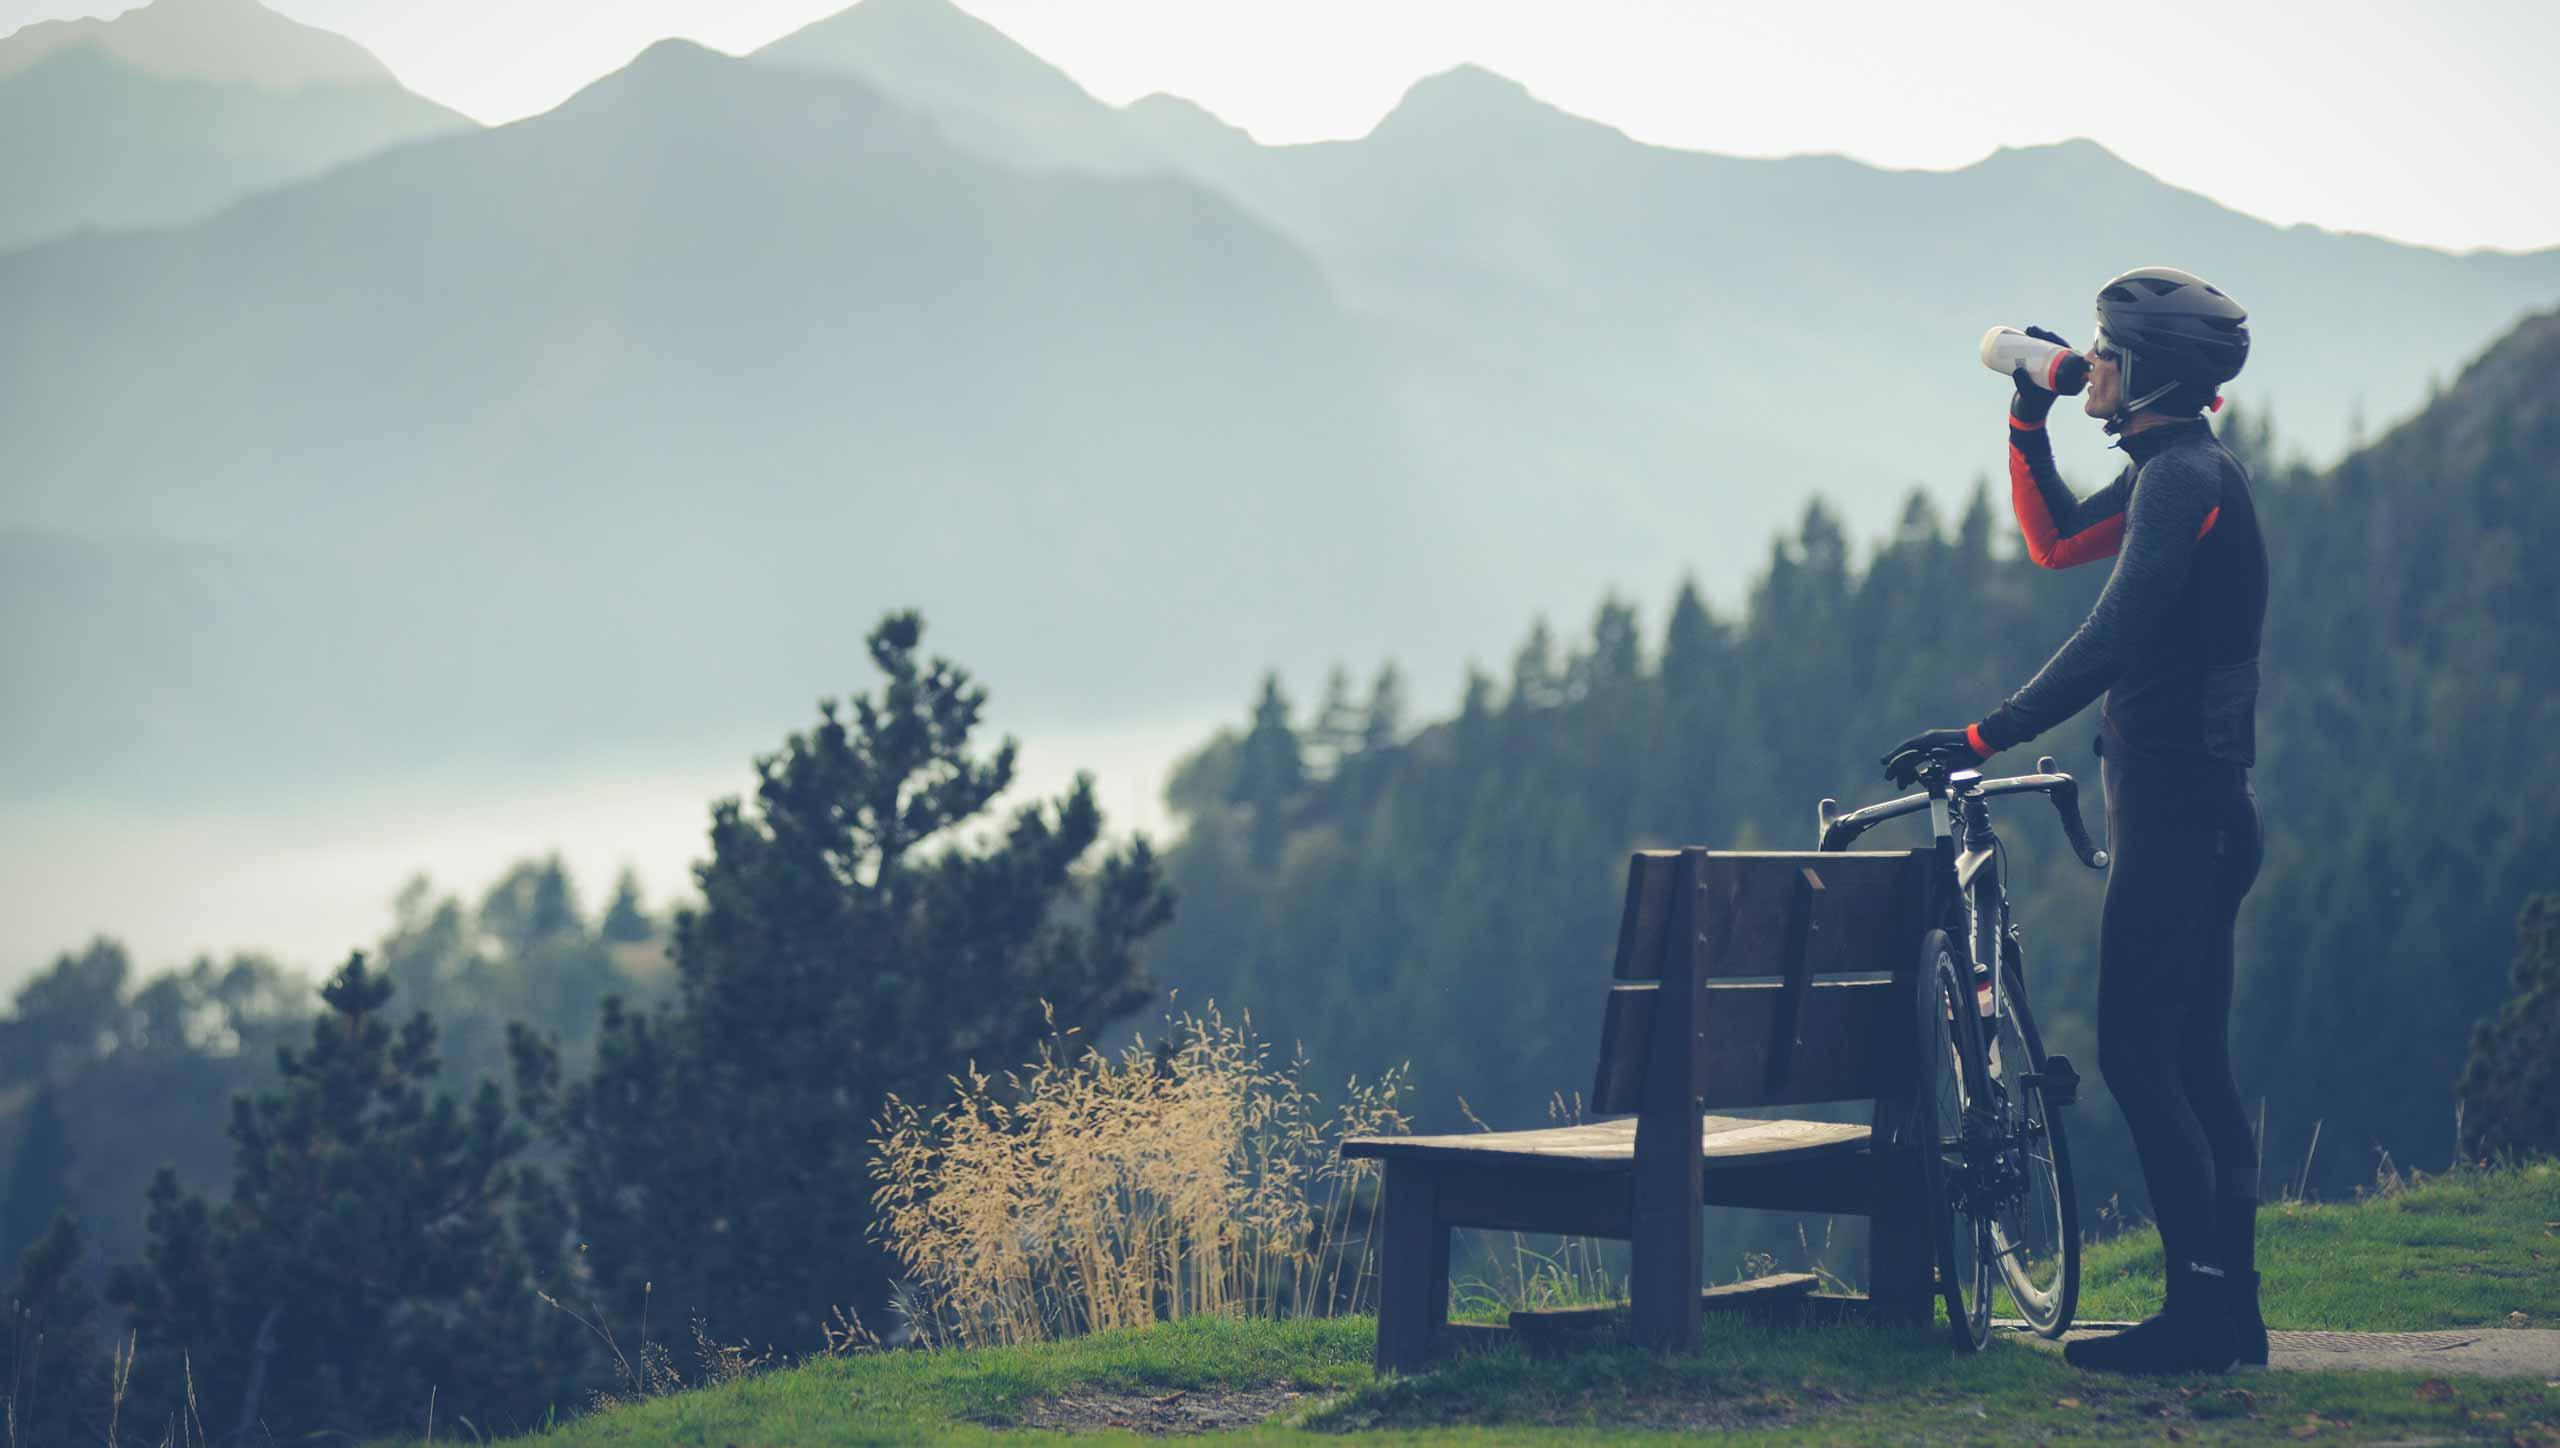 La prima cosa che fai quando è finito l'allenamento o l'uscita in bici